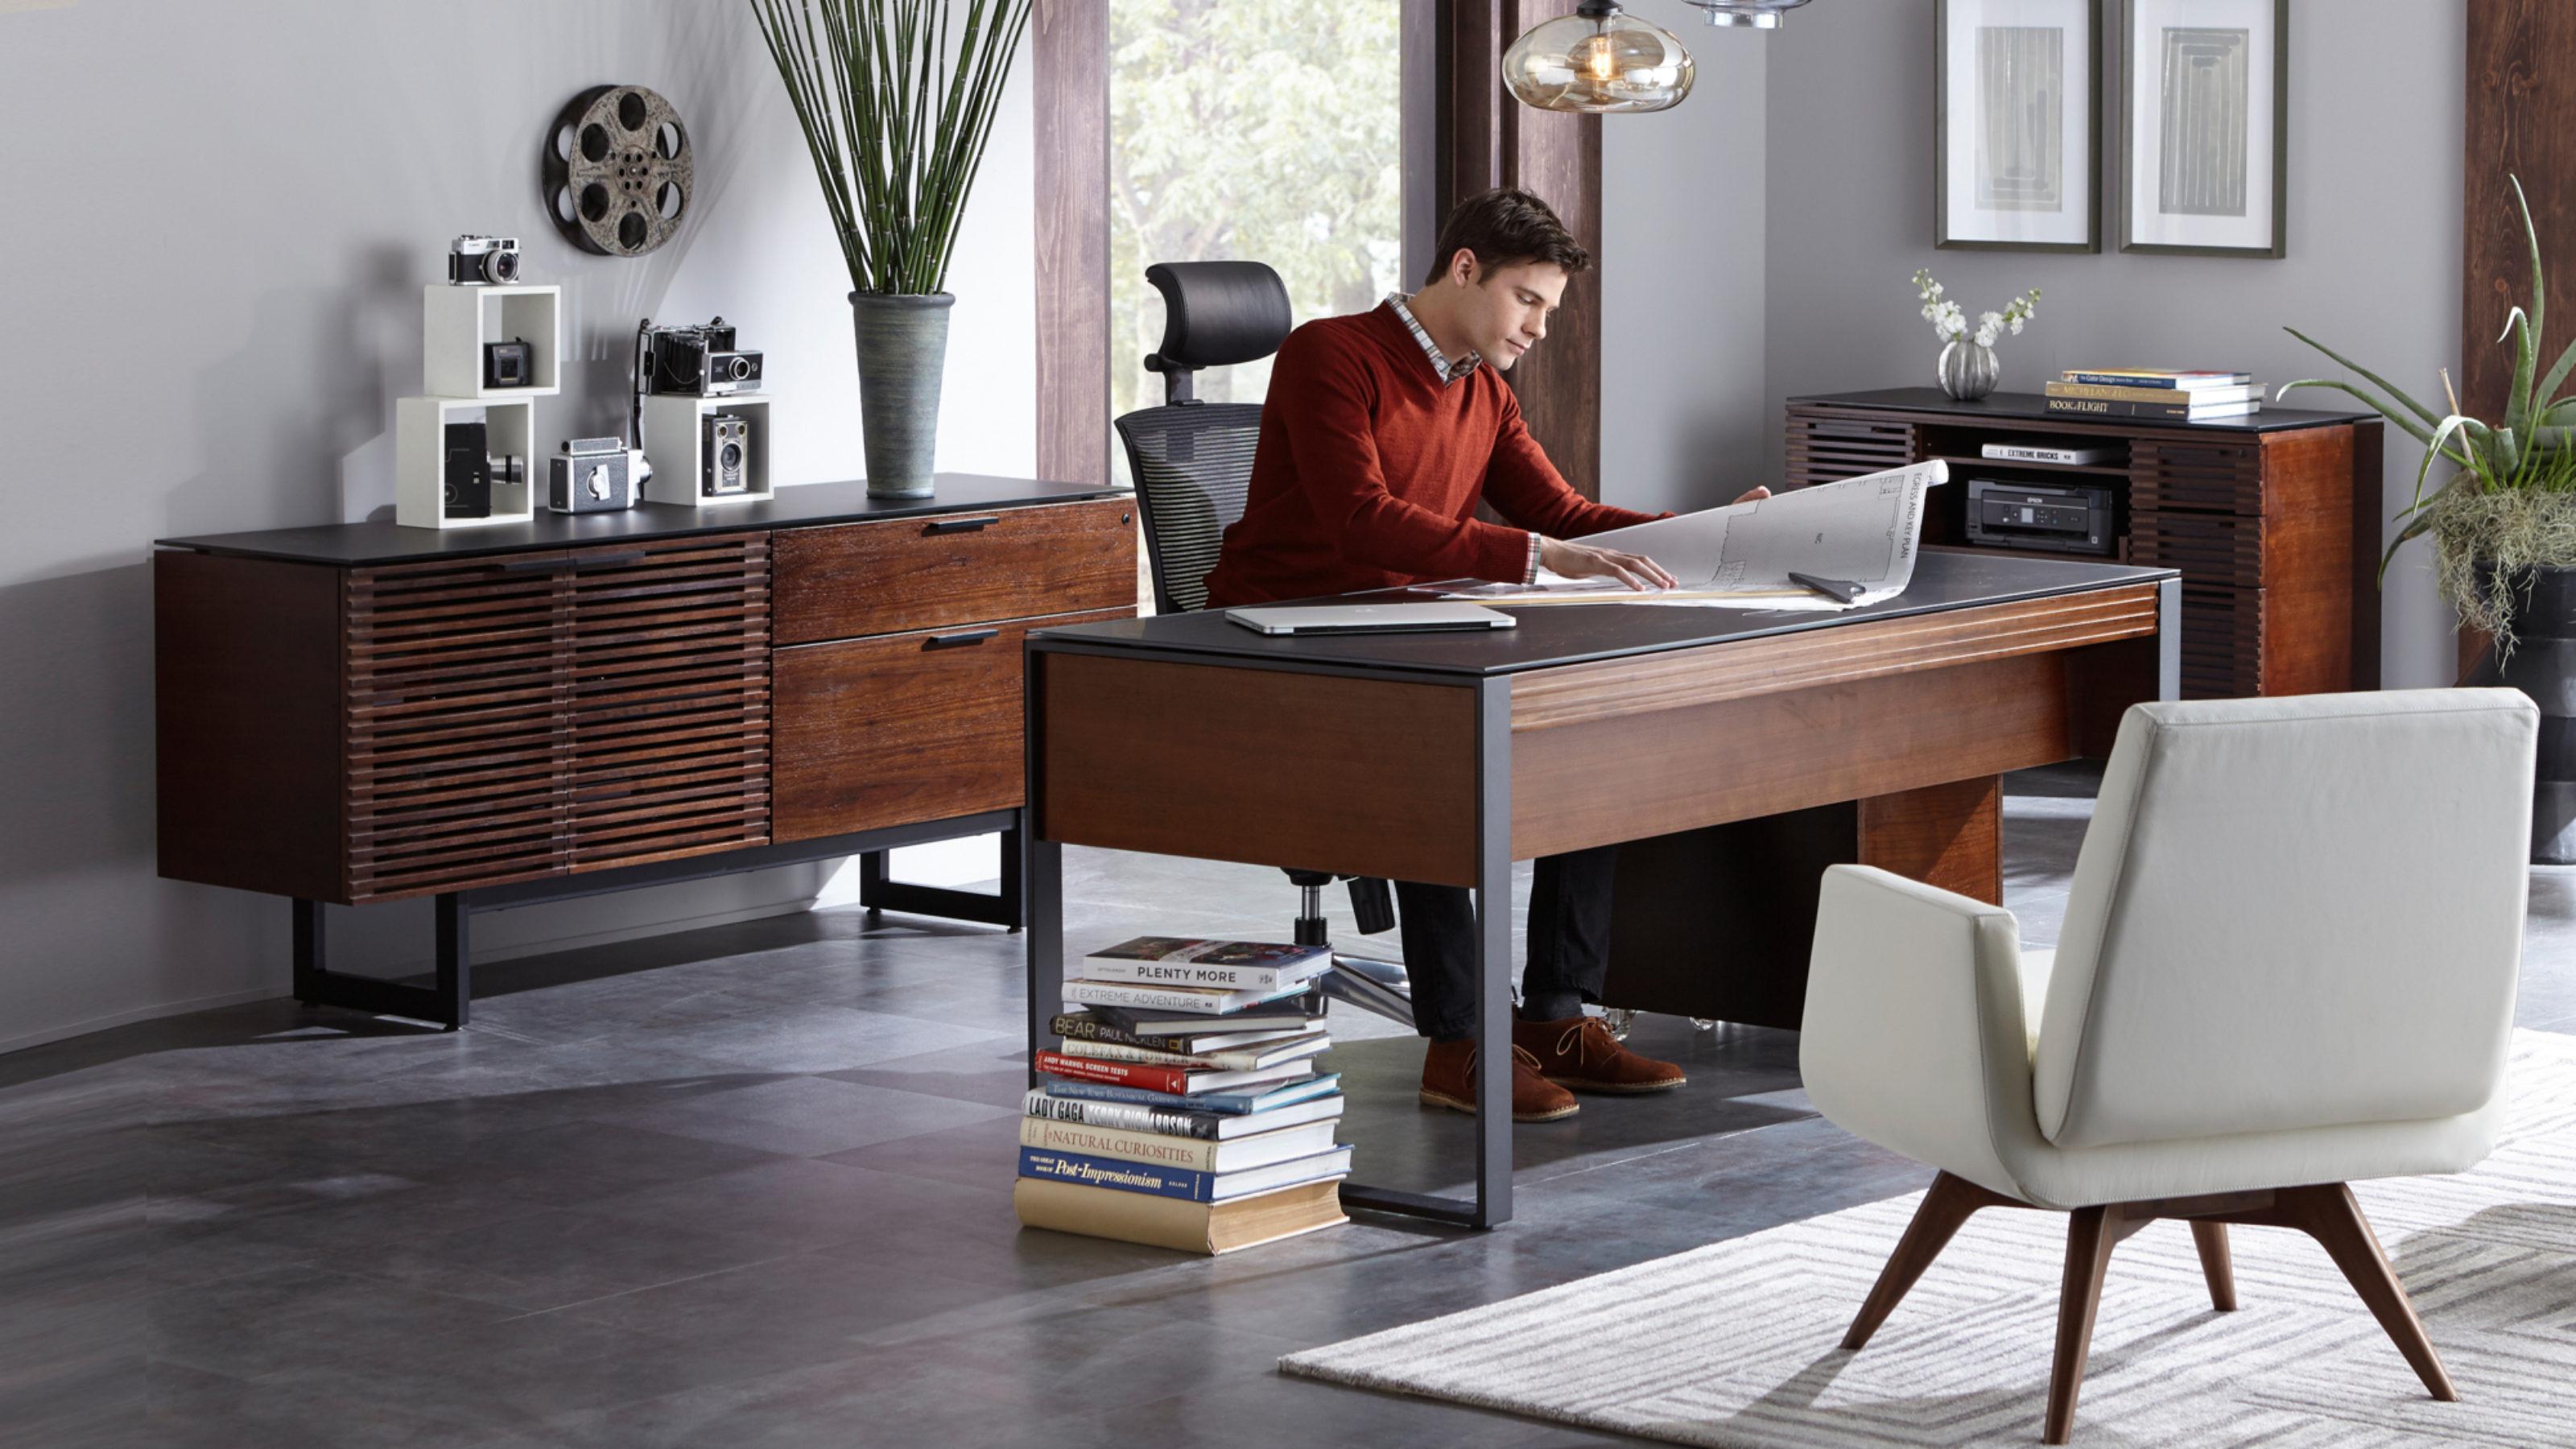 Corridor 40 Modern Executive Office Desk  BDI Furniture